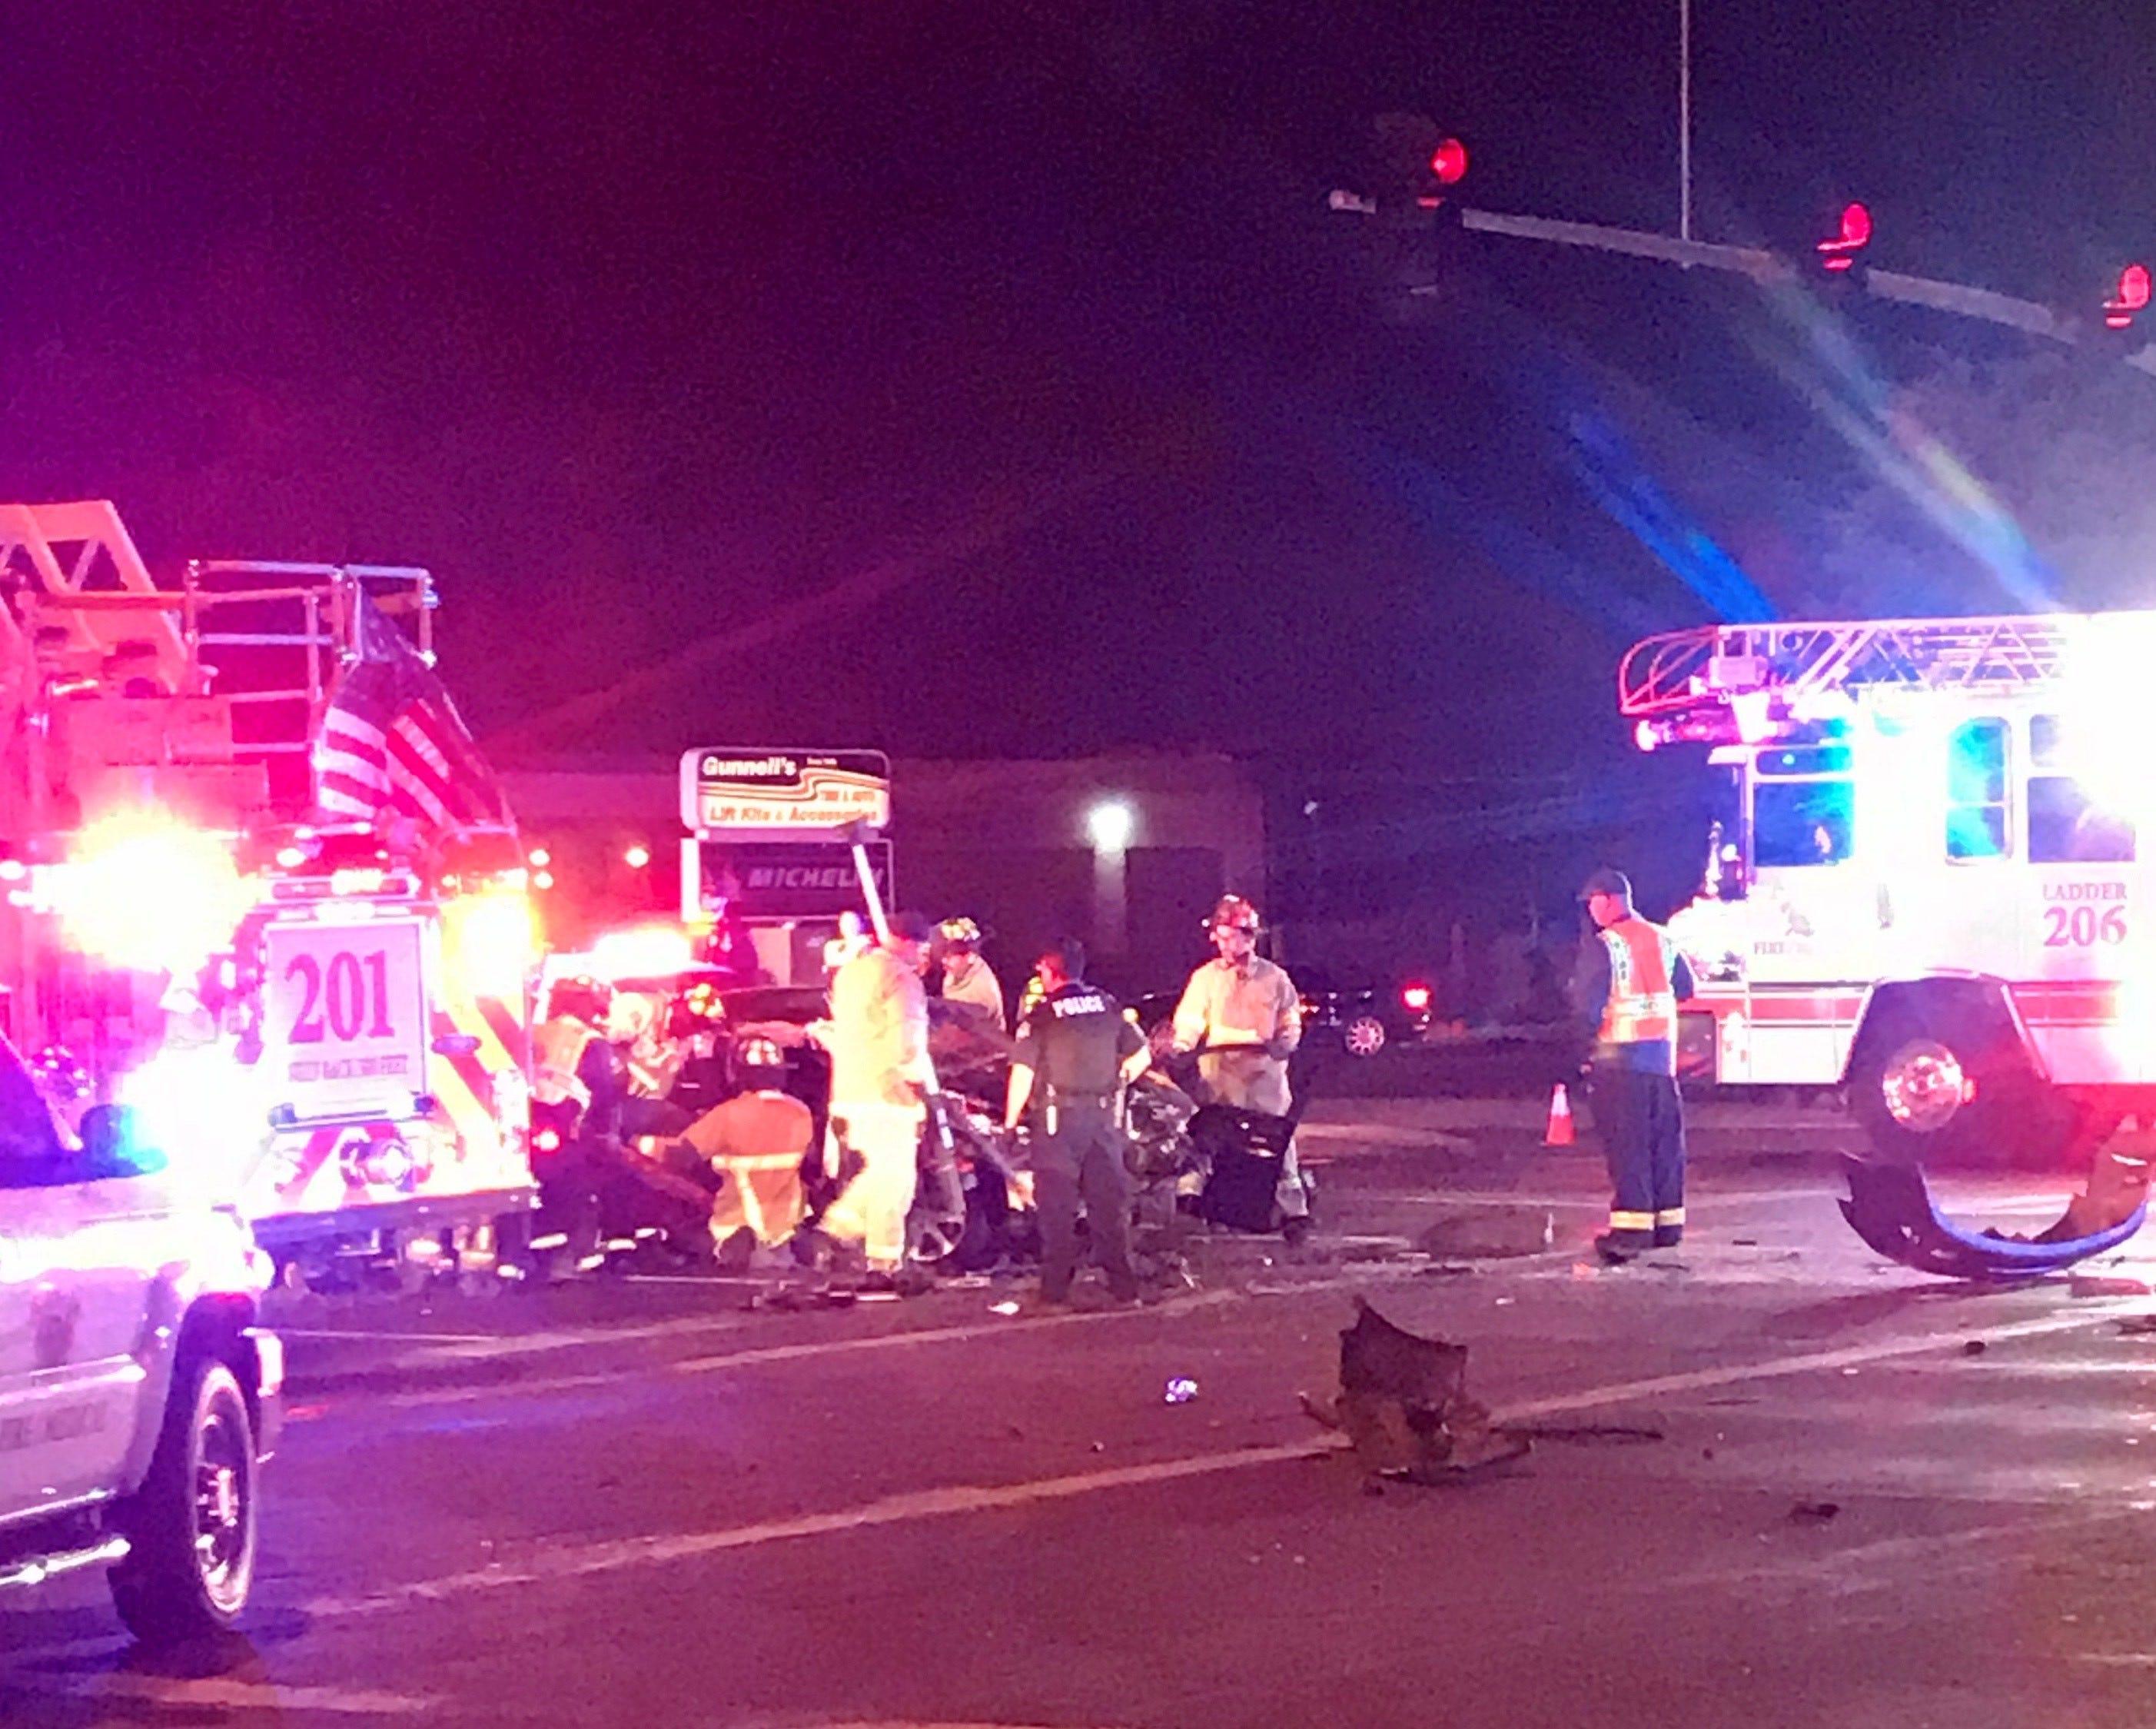 1 dead, 3 injured after fatal crash in Mesa